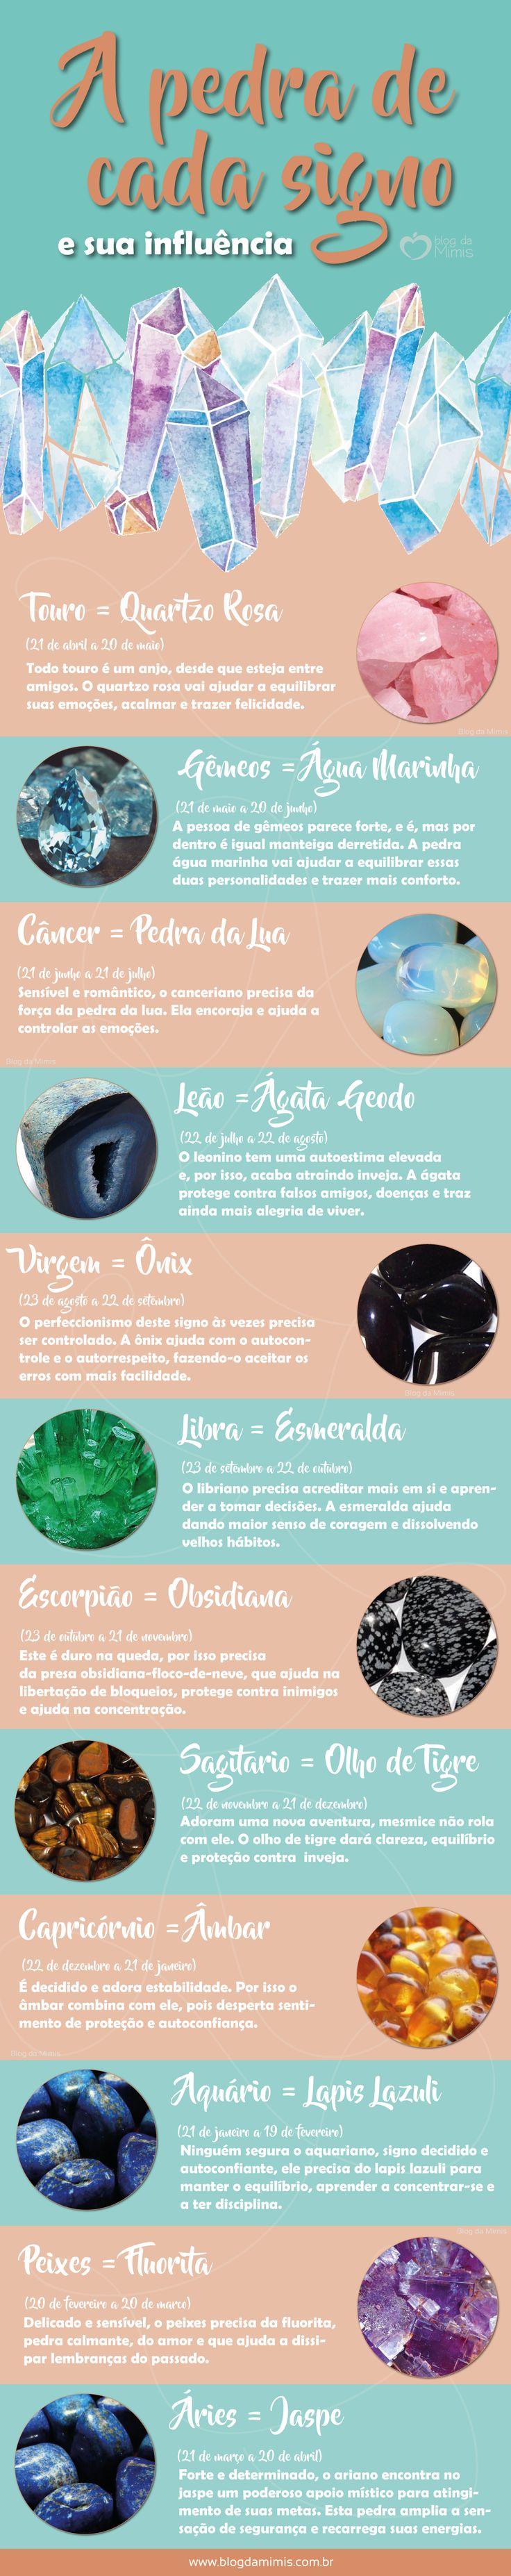 A pedra de cada signo e sua influência - Blog da Mimis #pedra #signo #horóscopo #místico #infográfico #blogdamimis